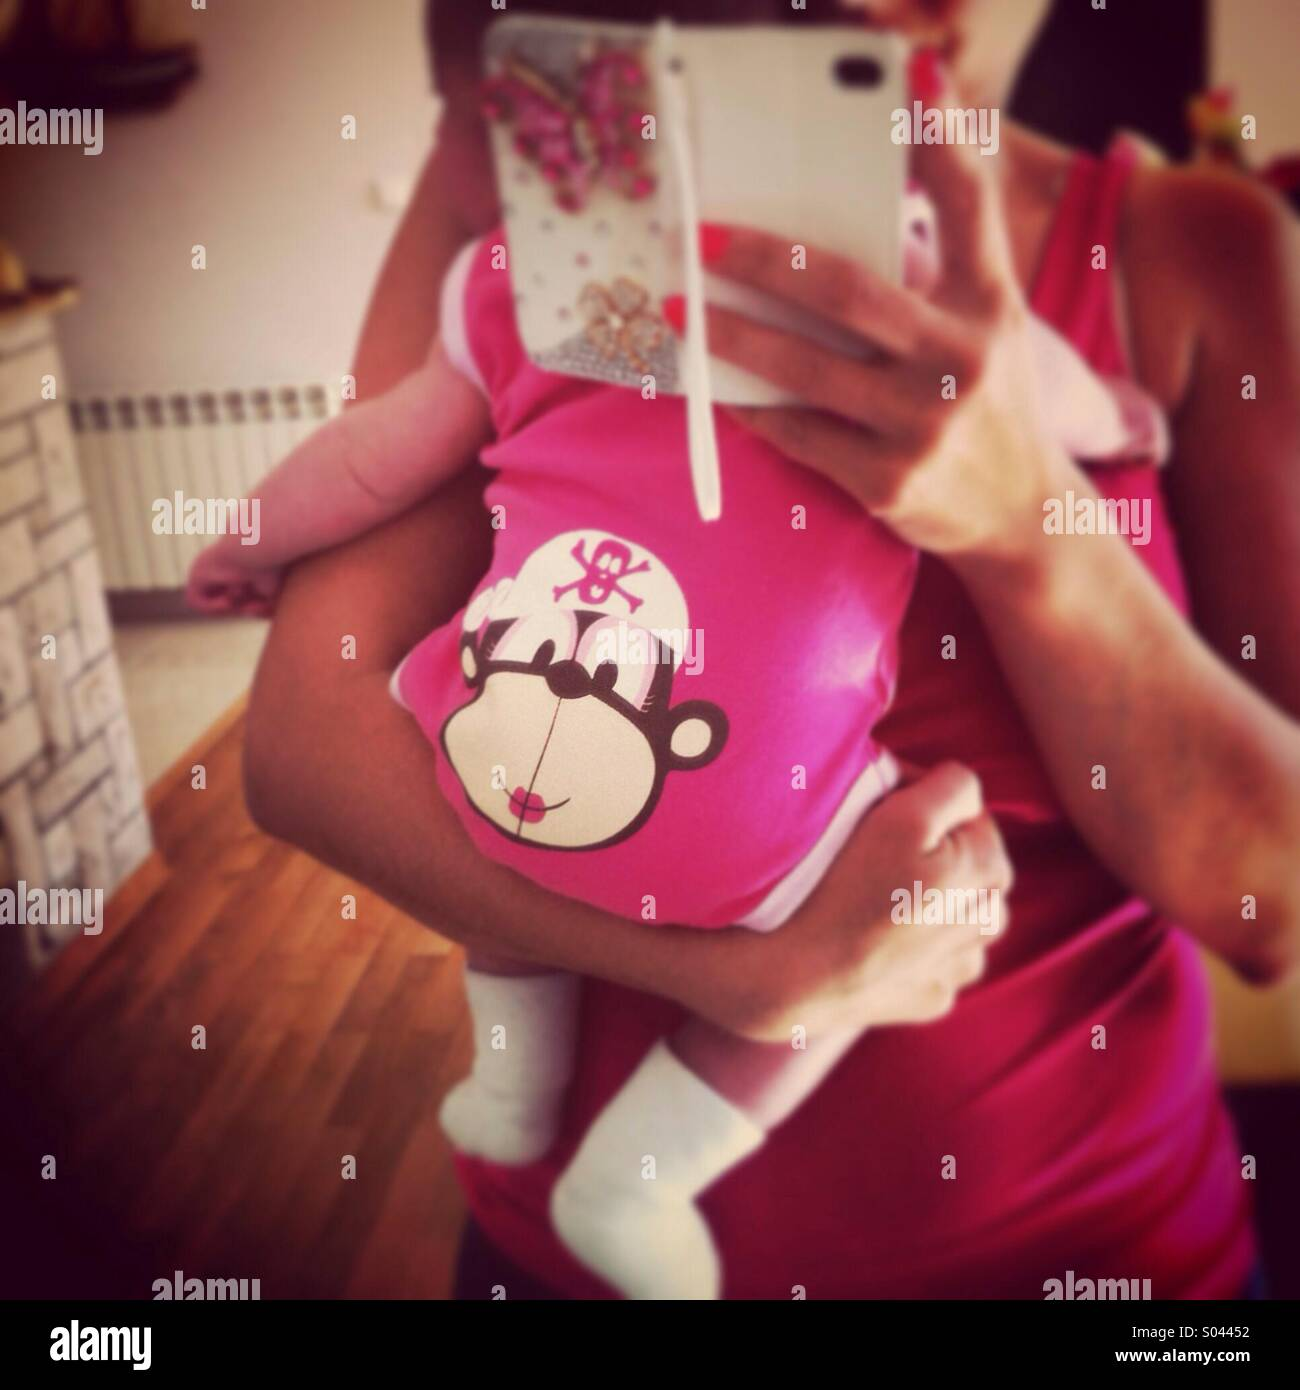 Madre sosteniendo bebé Imagen De Stock